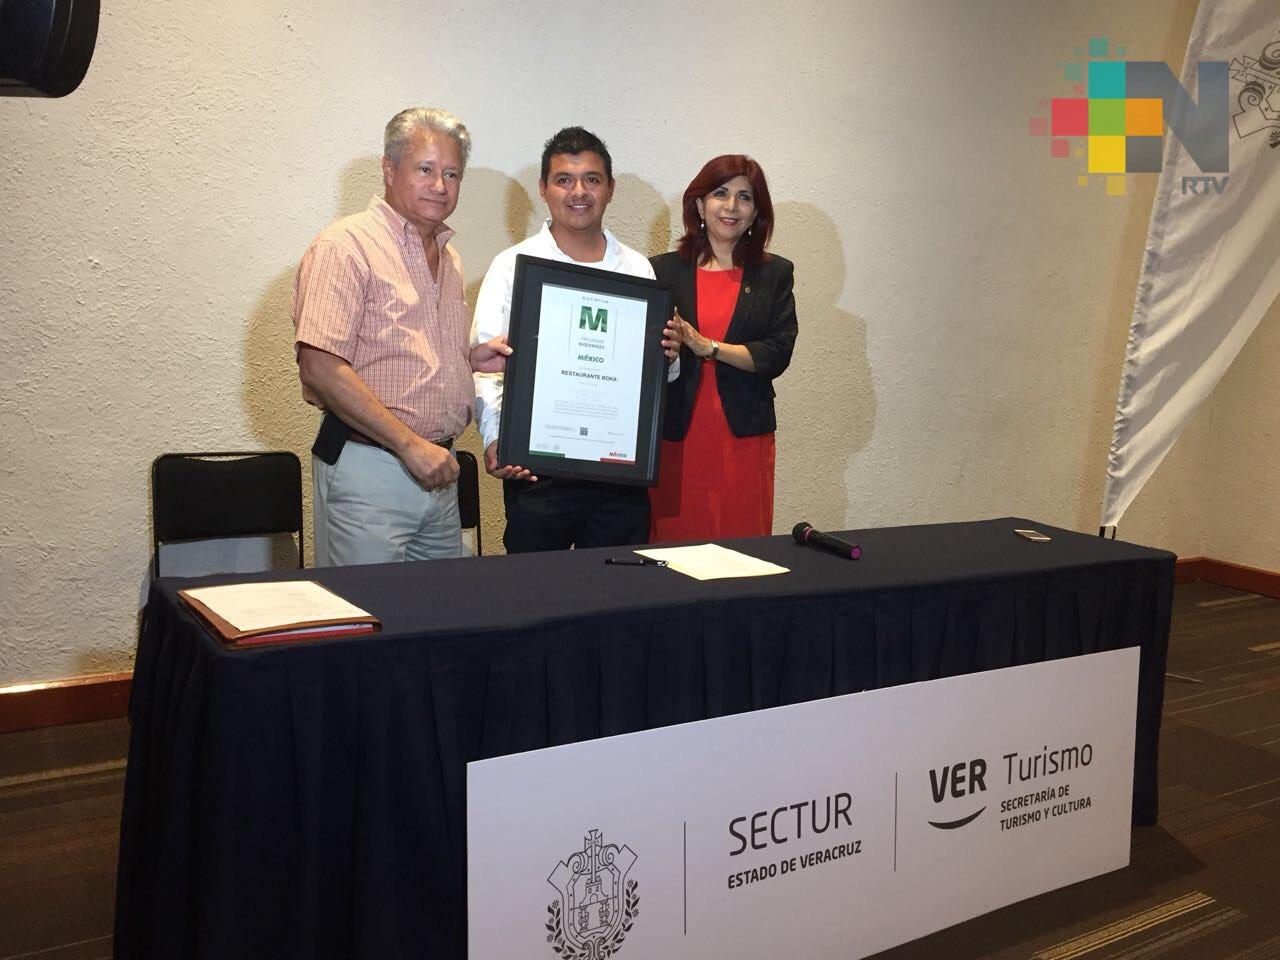 Entregan distintivos M a prestadores de servicios turísticos en Veracruz